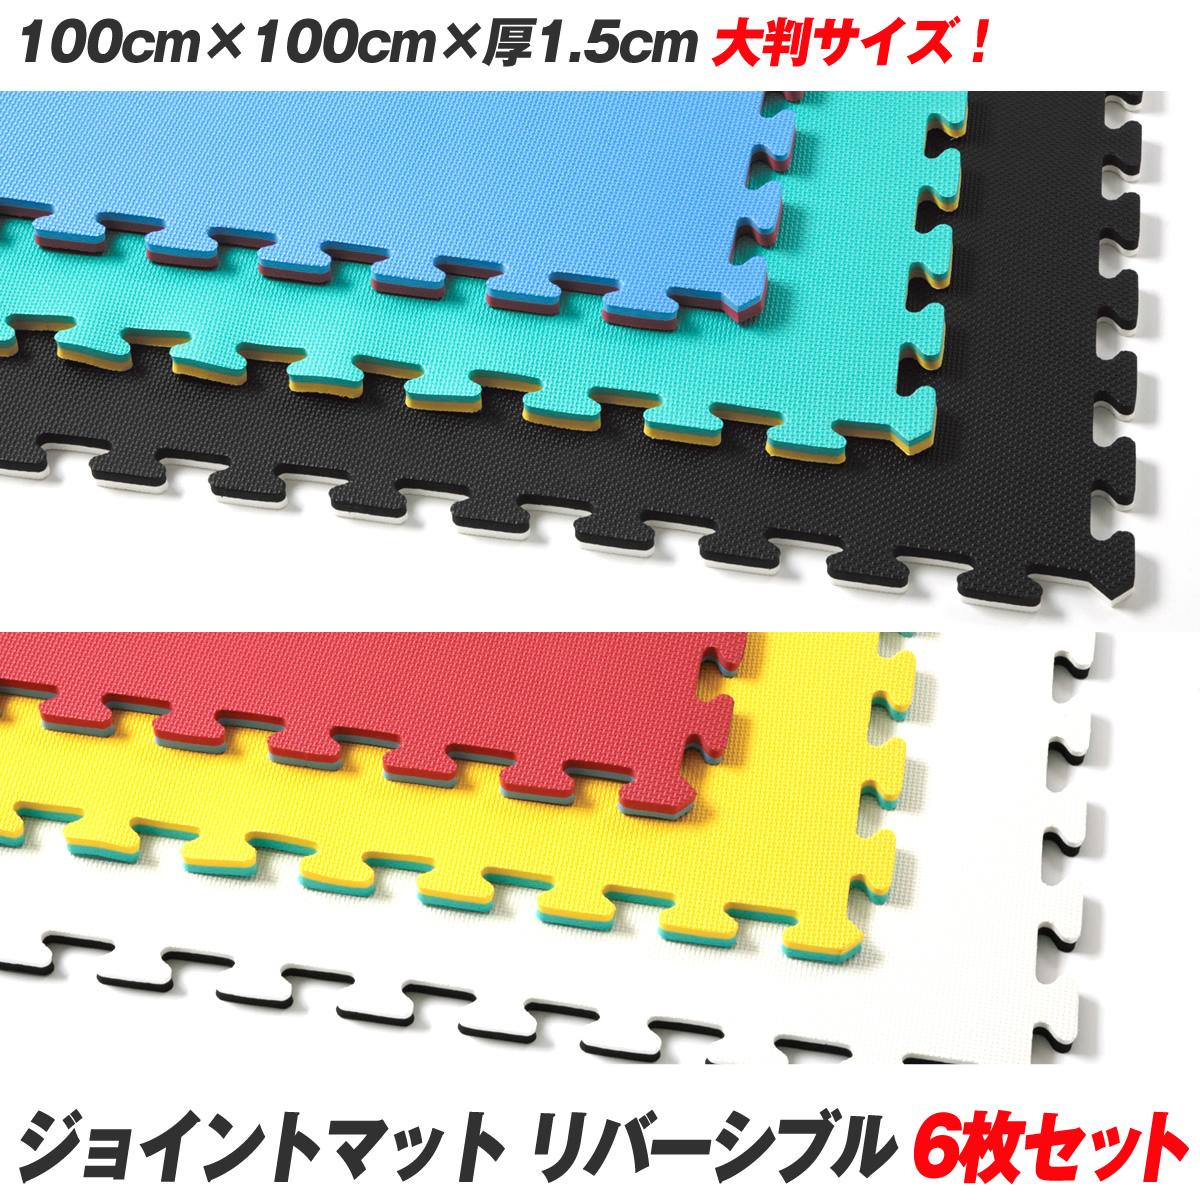 ジョイントマット リバーシブル 6枚セット / 100cm×100cm×厚1.5cm 大判 厚手 フリーカット 防音 トレーニング